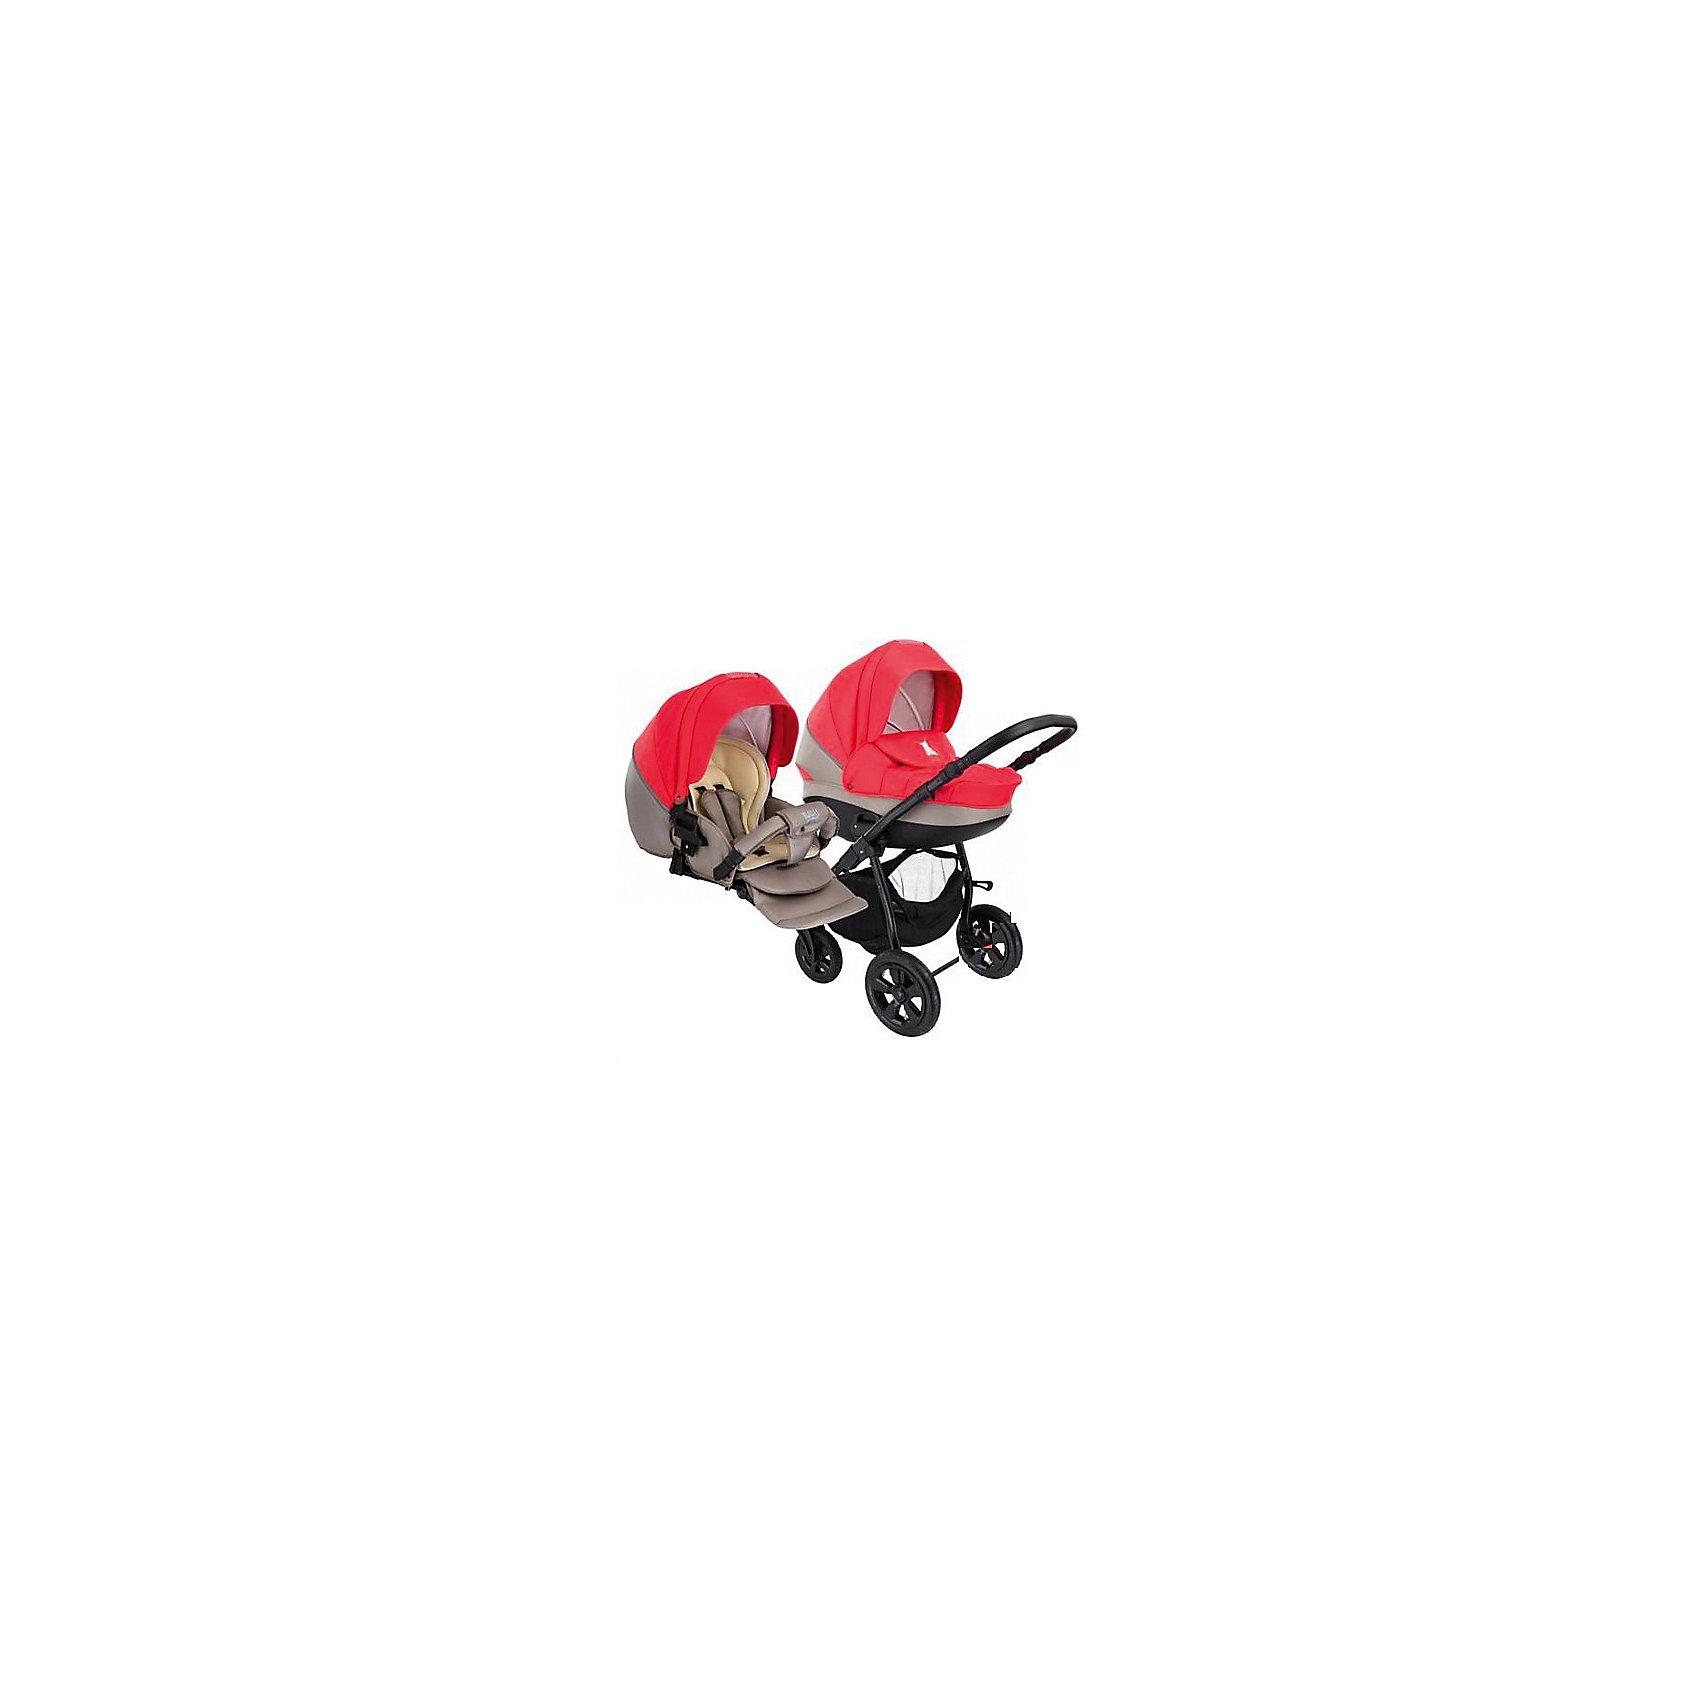 Коляска 2 в 1 Tapu-Tapu, Tutis, красный/тем. бежевыйКоляска 2 в 1 Tapu-Tapu, Tutis, красный/тем. бежевый<br> Коляска 2 в 1 Tapu-Tapu Tutis специально создана для тех, кто любит путешествовать, обожает прогулки на свежем воздухе. Легкая в управлении, просторная, маневренная, компактная, она оборудована просторной прочной пластмассовой люлькой, которая имеет вентиляционные отверстия в нижней части. Внутри люльки - тканевое покрытие, матрасик из кокосового волокна и регулируемый подголовник. Накидка на люльку защищает малыша от ветра и непогоды. Прогулочный блок имеет широкое сидение с регулируемым наклоном спинки вплоть до горизонтального положения, встроенные пятиточечные ремни безопасности, регулируемую подножку, матрасик-вкладыш, накидку на ножки, съёмный бампер, обтянутый мягкой тканью. Большой регулируемый капюшон с ручкой для переноски защищает от ультрафиолетового излучения 50+, имеет вентилируемую вставку под молнией. Высоту ручки для мамы можно отрегулировать. Предусмотрена вместительная корзина для покупок и сумка для мамы. Коляска имеет надувные колеса, передние - поворотные с блокировкой, задние - с ножными тормозами. Шасси выполнено из алюминия, легко и компактно складывается. <br><br>Дополнительная информация:<br><br>- Комплектация: люлька, прогулочный блок, шасси, матрас для люльки, чехол на ноги (для люльки и прогулочного блока), москитная сетка, дождевик, сумка для мамы, корзина для покупок<br>- Функция качания (когда люлька лежит на полу)<br>- Регулируемая амортизация шасси<br>- Механизм сложения - книжка<br>- Размеры: прогулочный блок – 95x39 см, внутренний размер люльки – 79x36 см.<br>- Размер сложенной коляски: 89x60x38 см.<br>- Вес: люлька 4,95 кг, прогулочный блок 5,25 кг, шасси - 4,95 кг<br>- Шасси: ширина 61 см. диаметр колес передние 23 см, задние 30 см.<br><br>Коляску 2 в 1 Tapu-Tapu, Tutis, красную/тем. бежевую можно купить в нашем интернет-магазине.<br><br>Ширина мм: 890<br>Глубина мм: 600<br>Высота мм: 380<br>Вес г: 19400<br>Возраст от ме